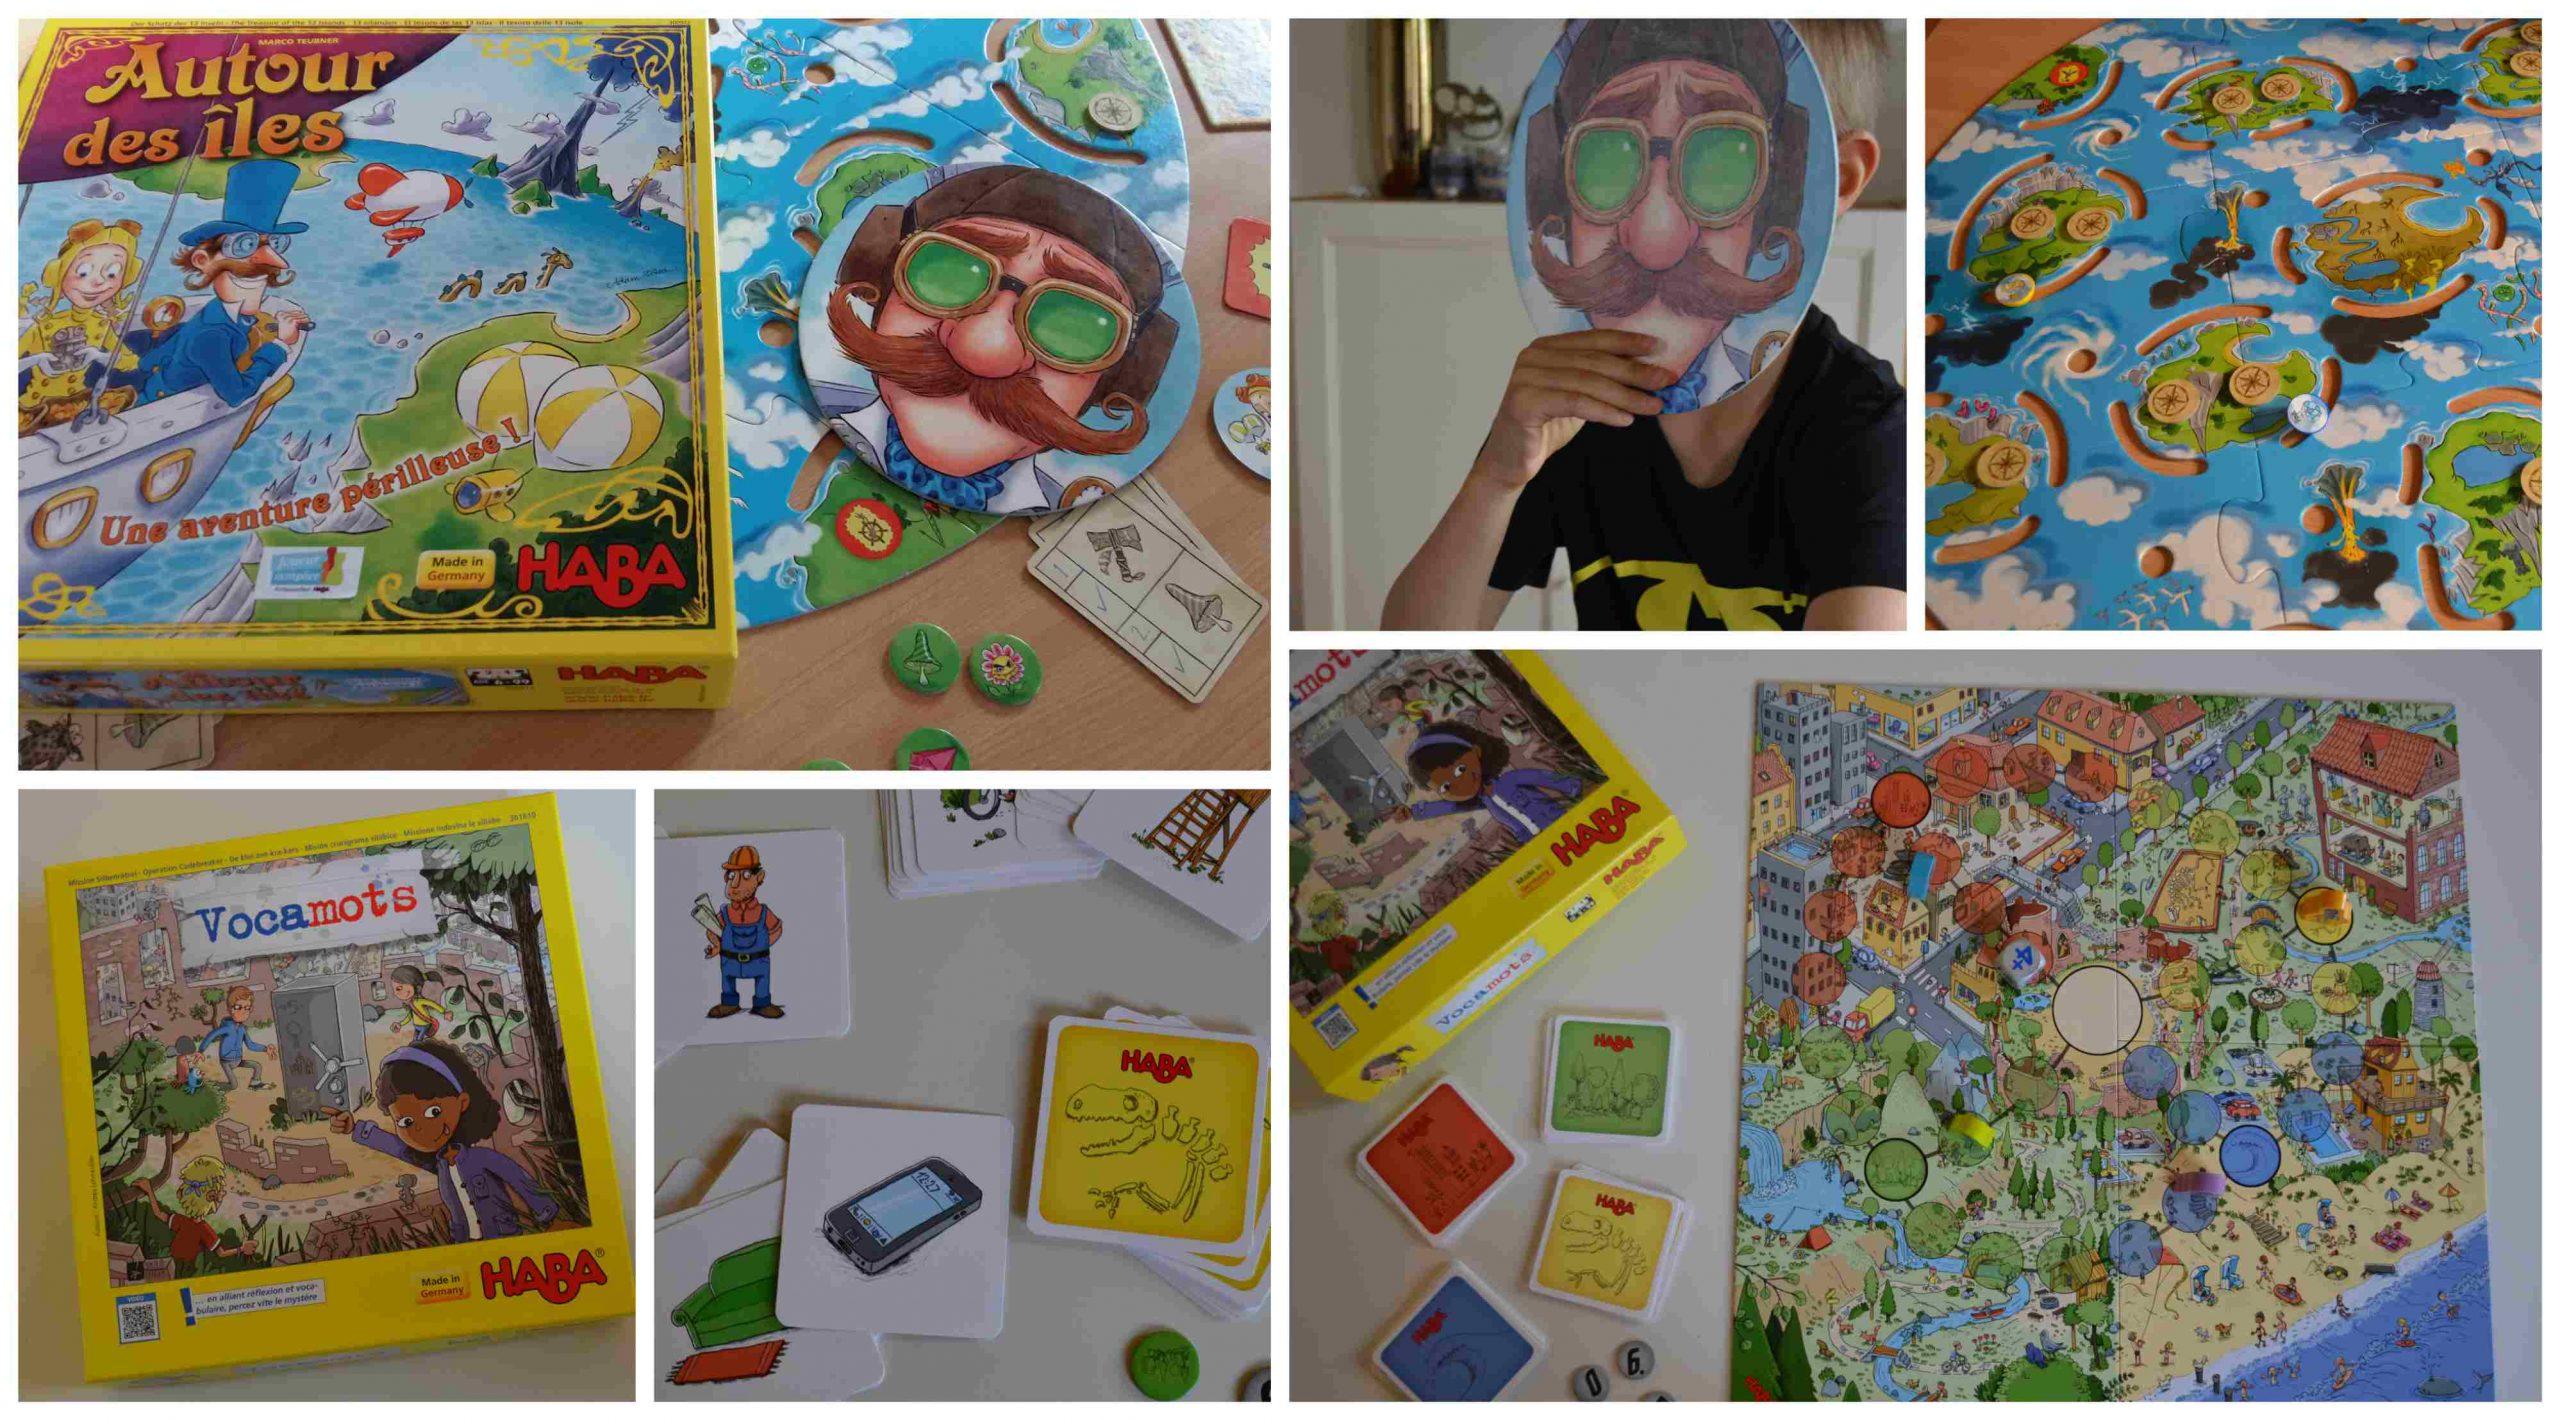 Vocamots & Autour Des Îles : Des Jeux Haba Pour Les 5-7 Ans dedans Jeux Enfant 7 Ans